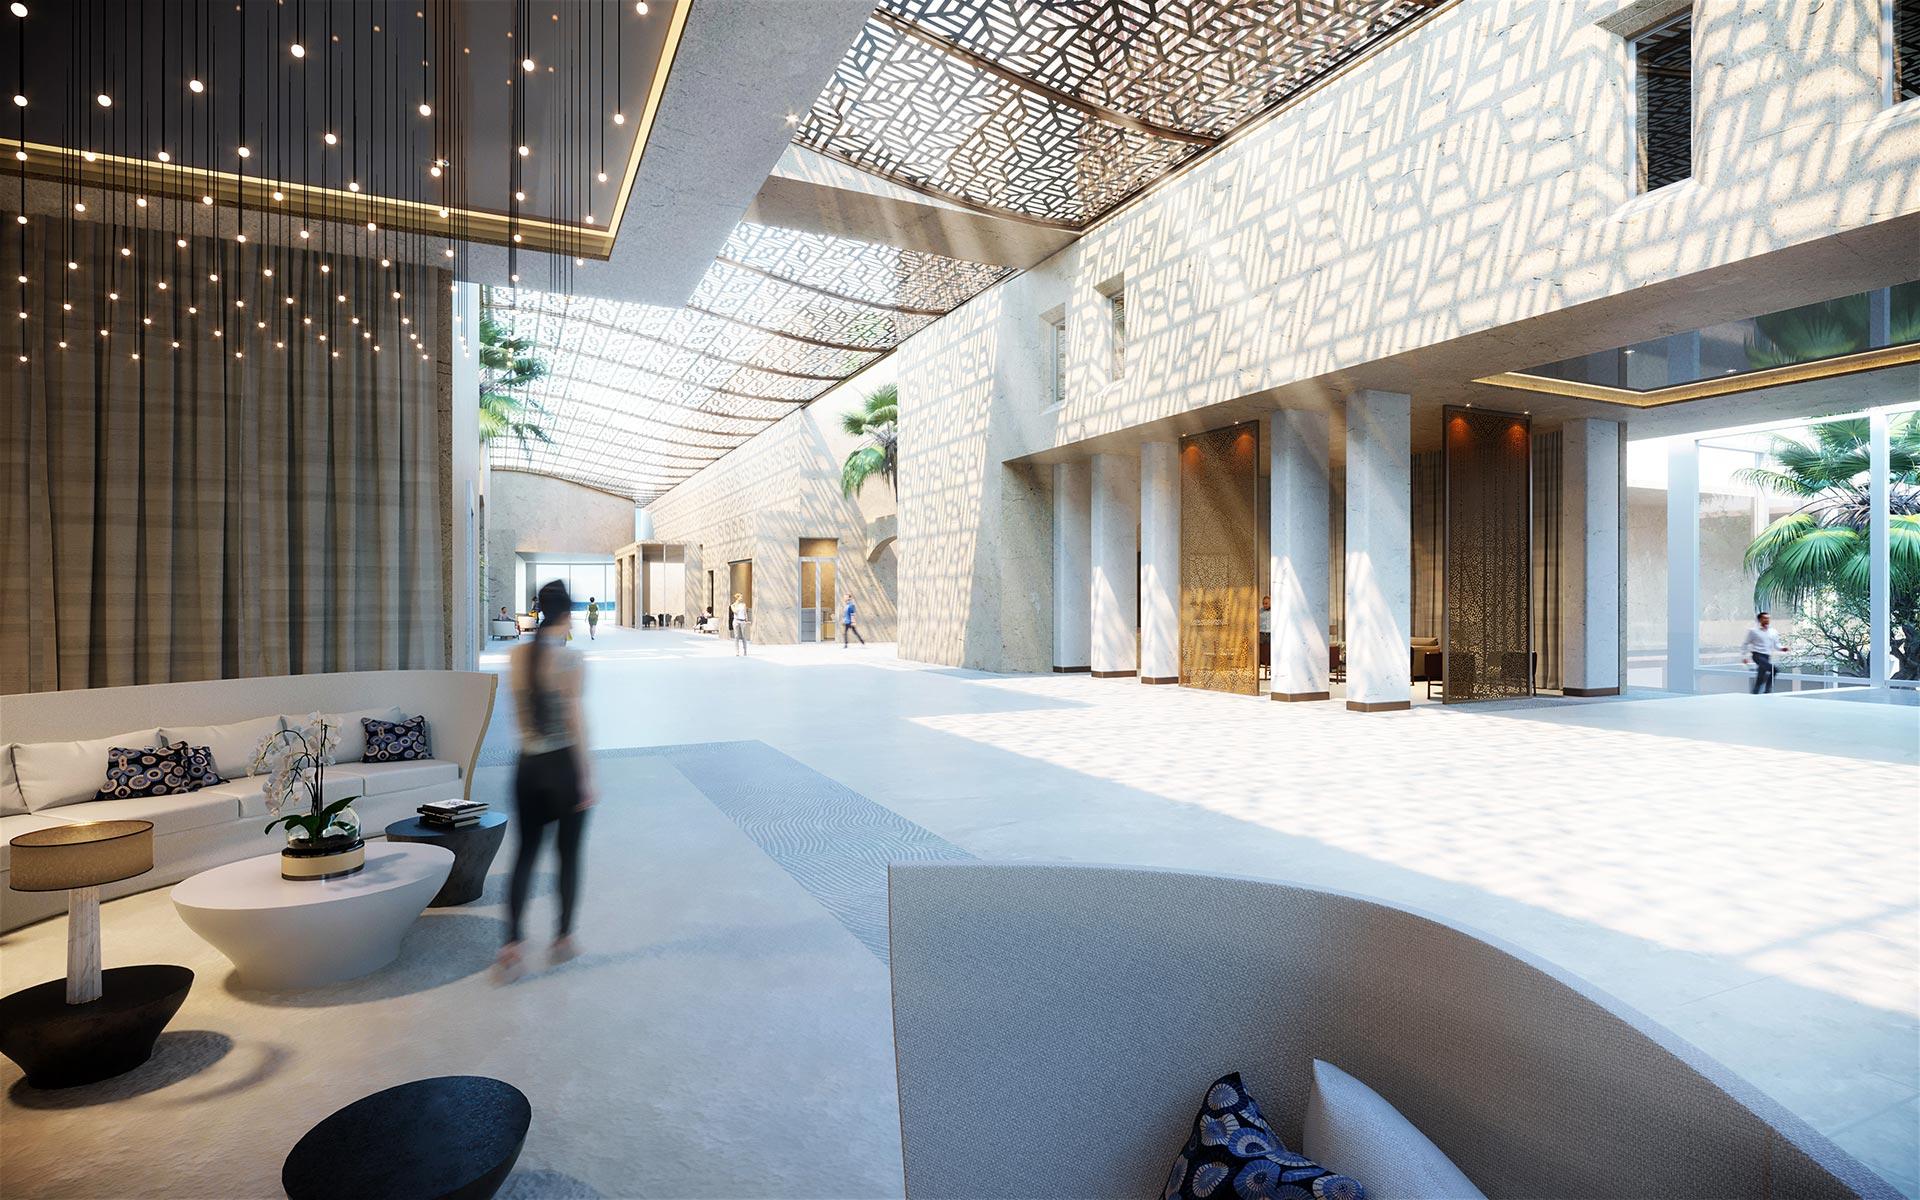 Architecte D Intérieur Cannes création 3d d'intérieur de palace à cannes - concours